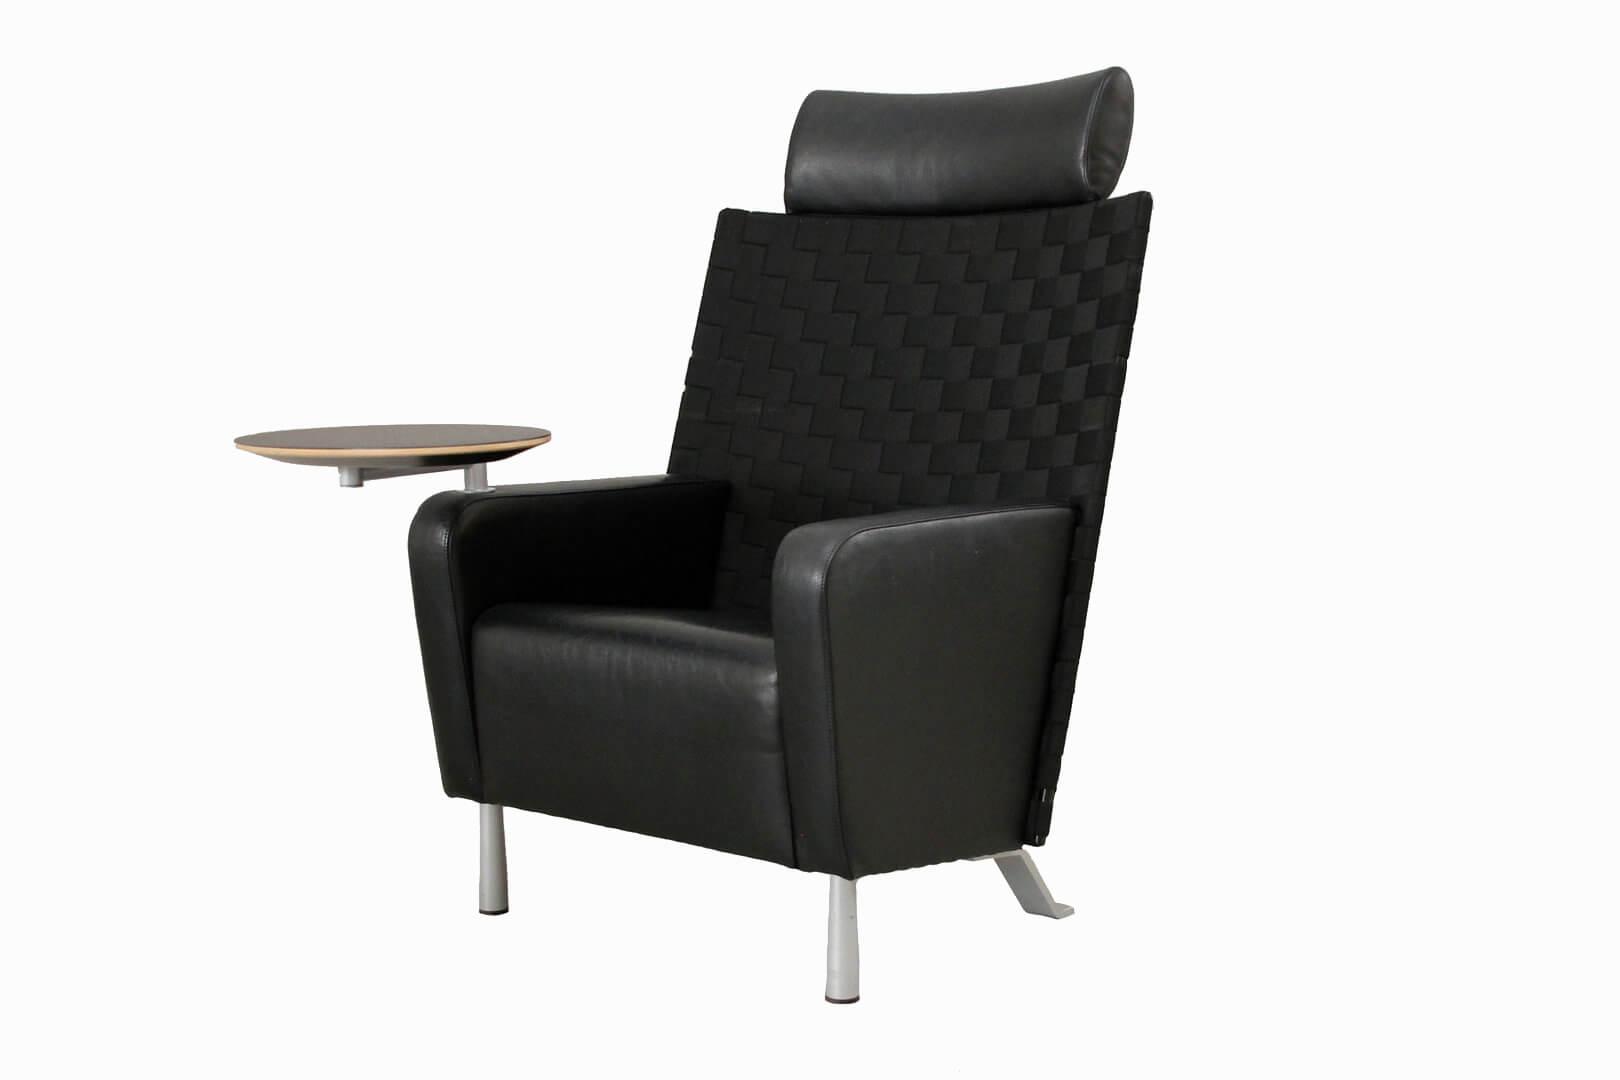 dietiker sessel mit schwenkbarem tisch leder schwarez sonstige designklassiker. Black Bedroom Furniture Sets. Home Design Ideas